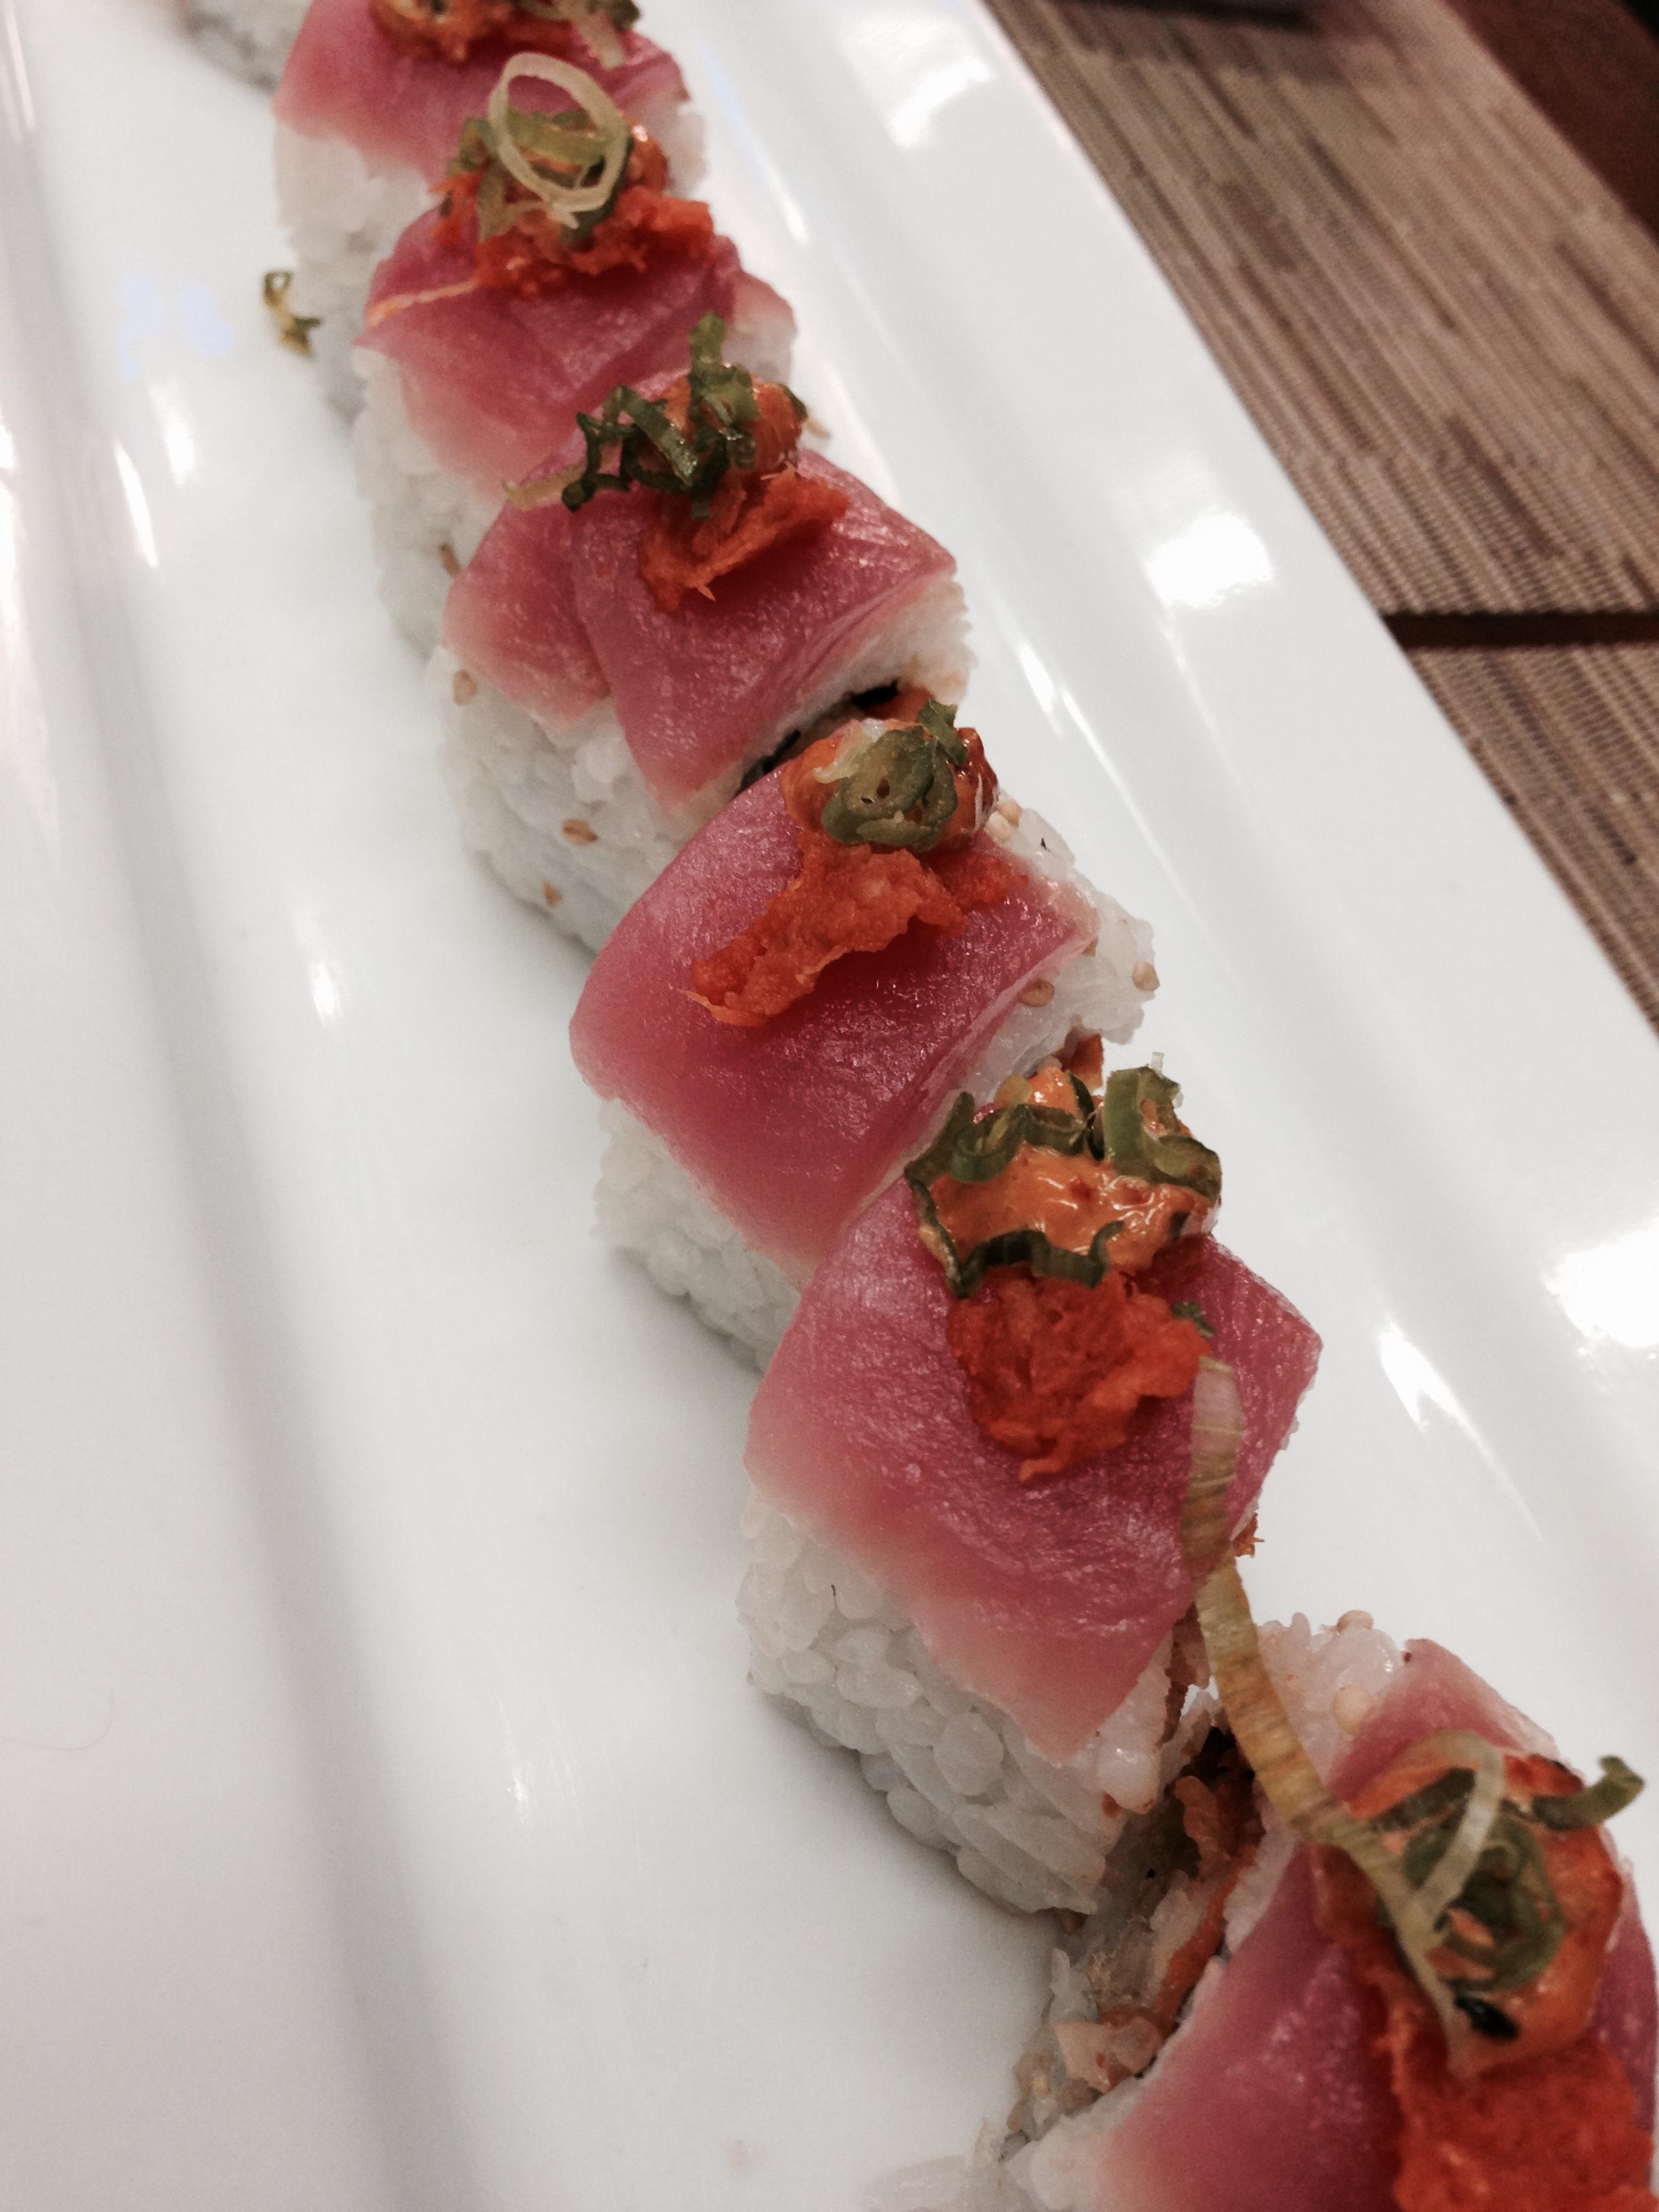 Sushi? At an Airport?